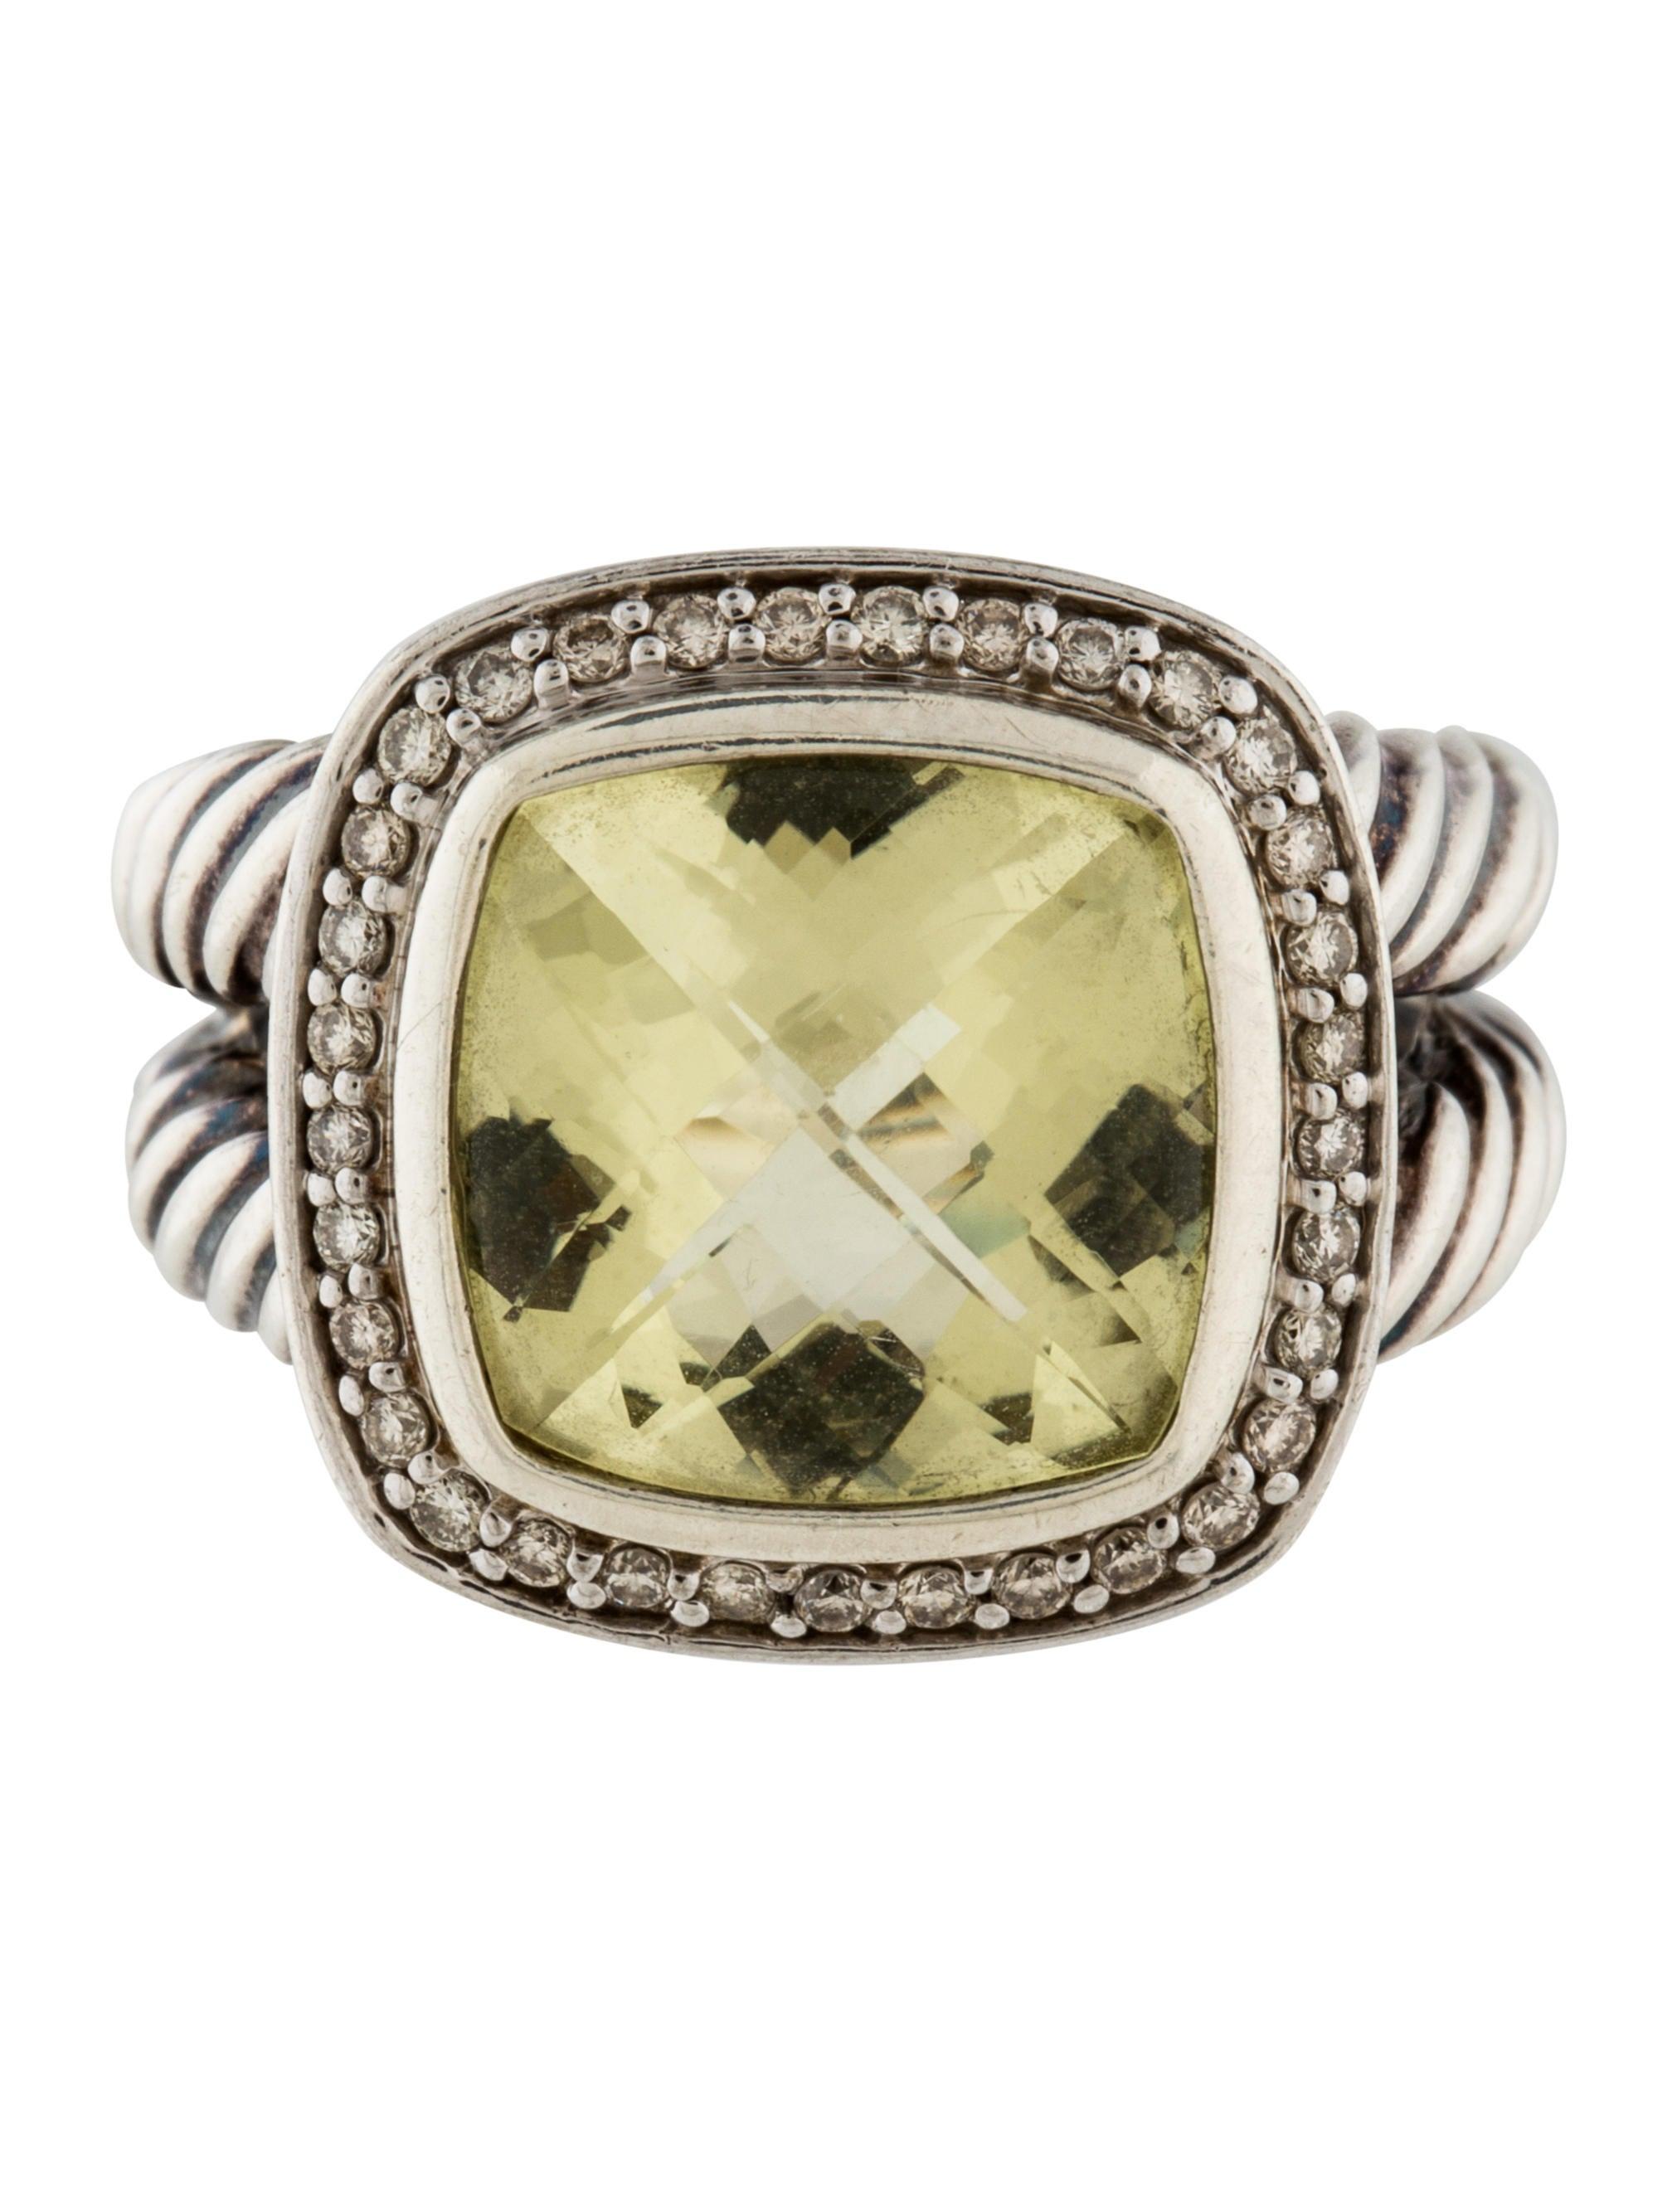 David yurman quartz albion ring rings dvy42201 the for David yurman inspired jewelry rings